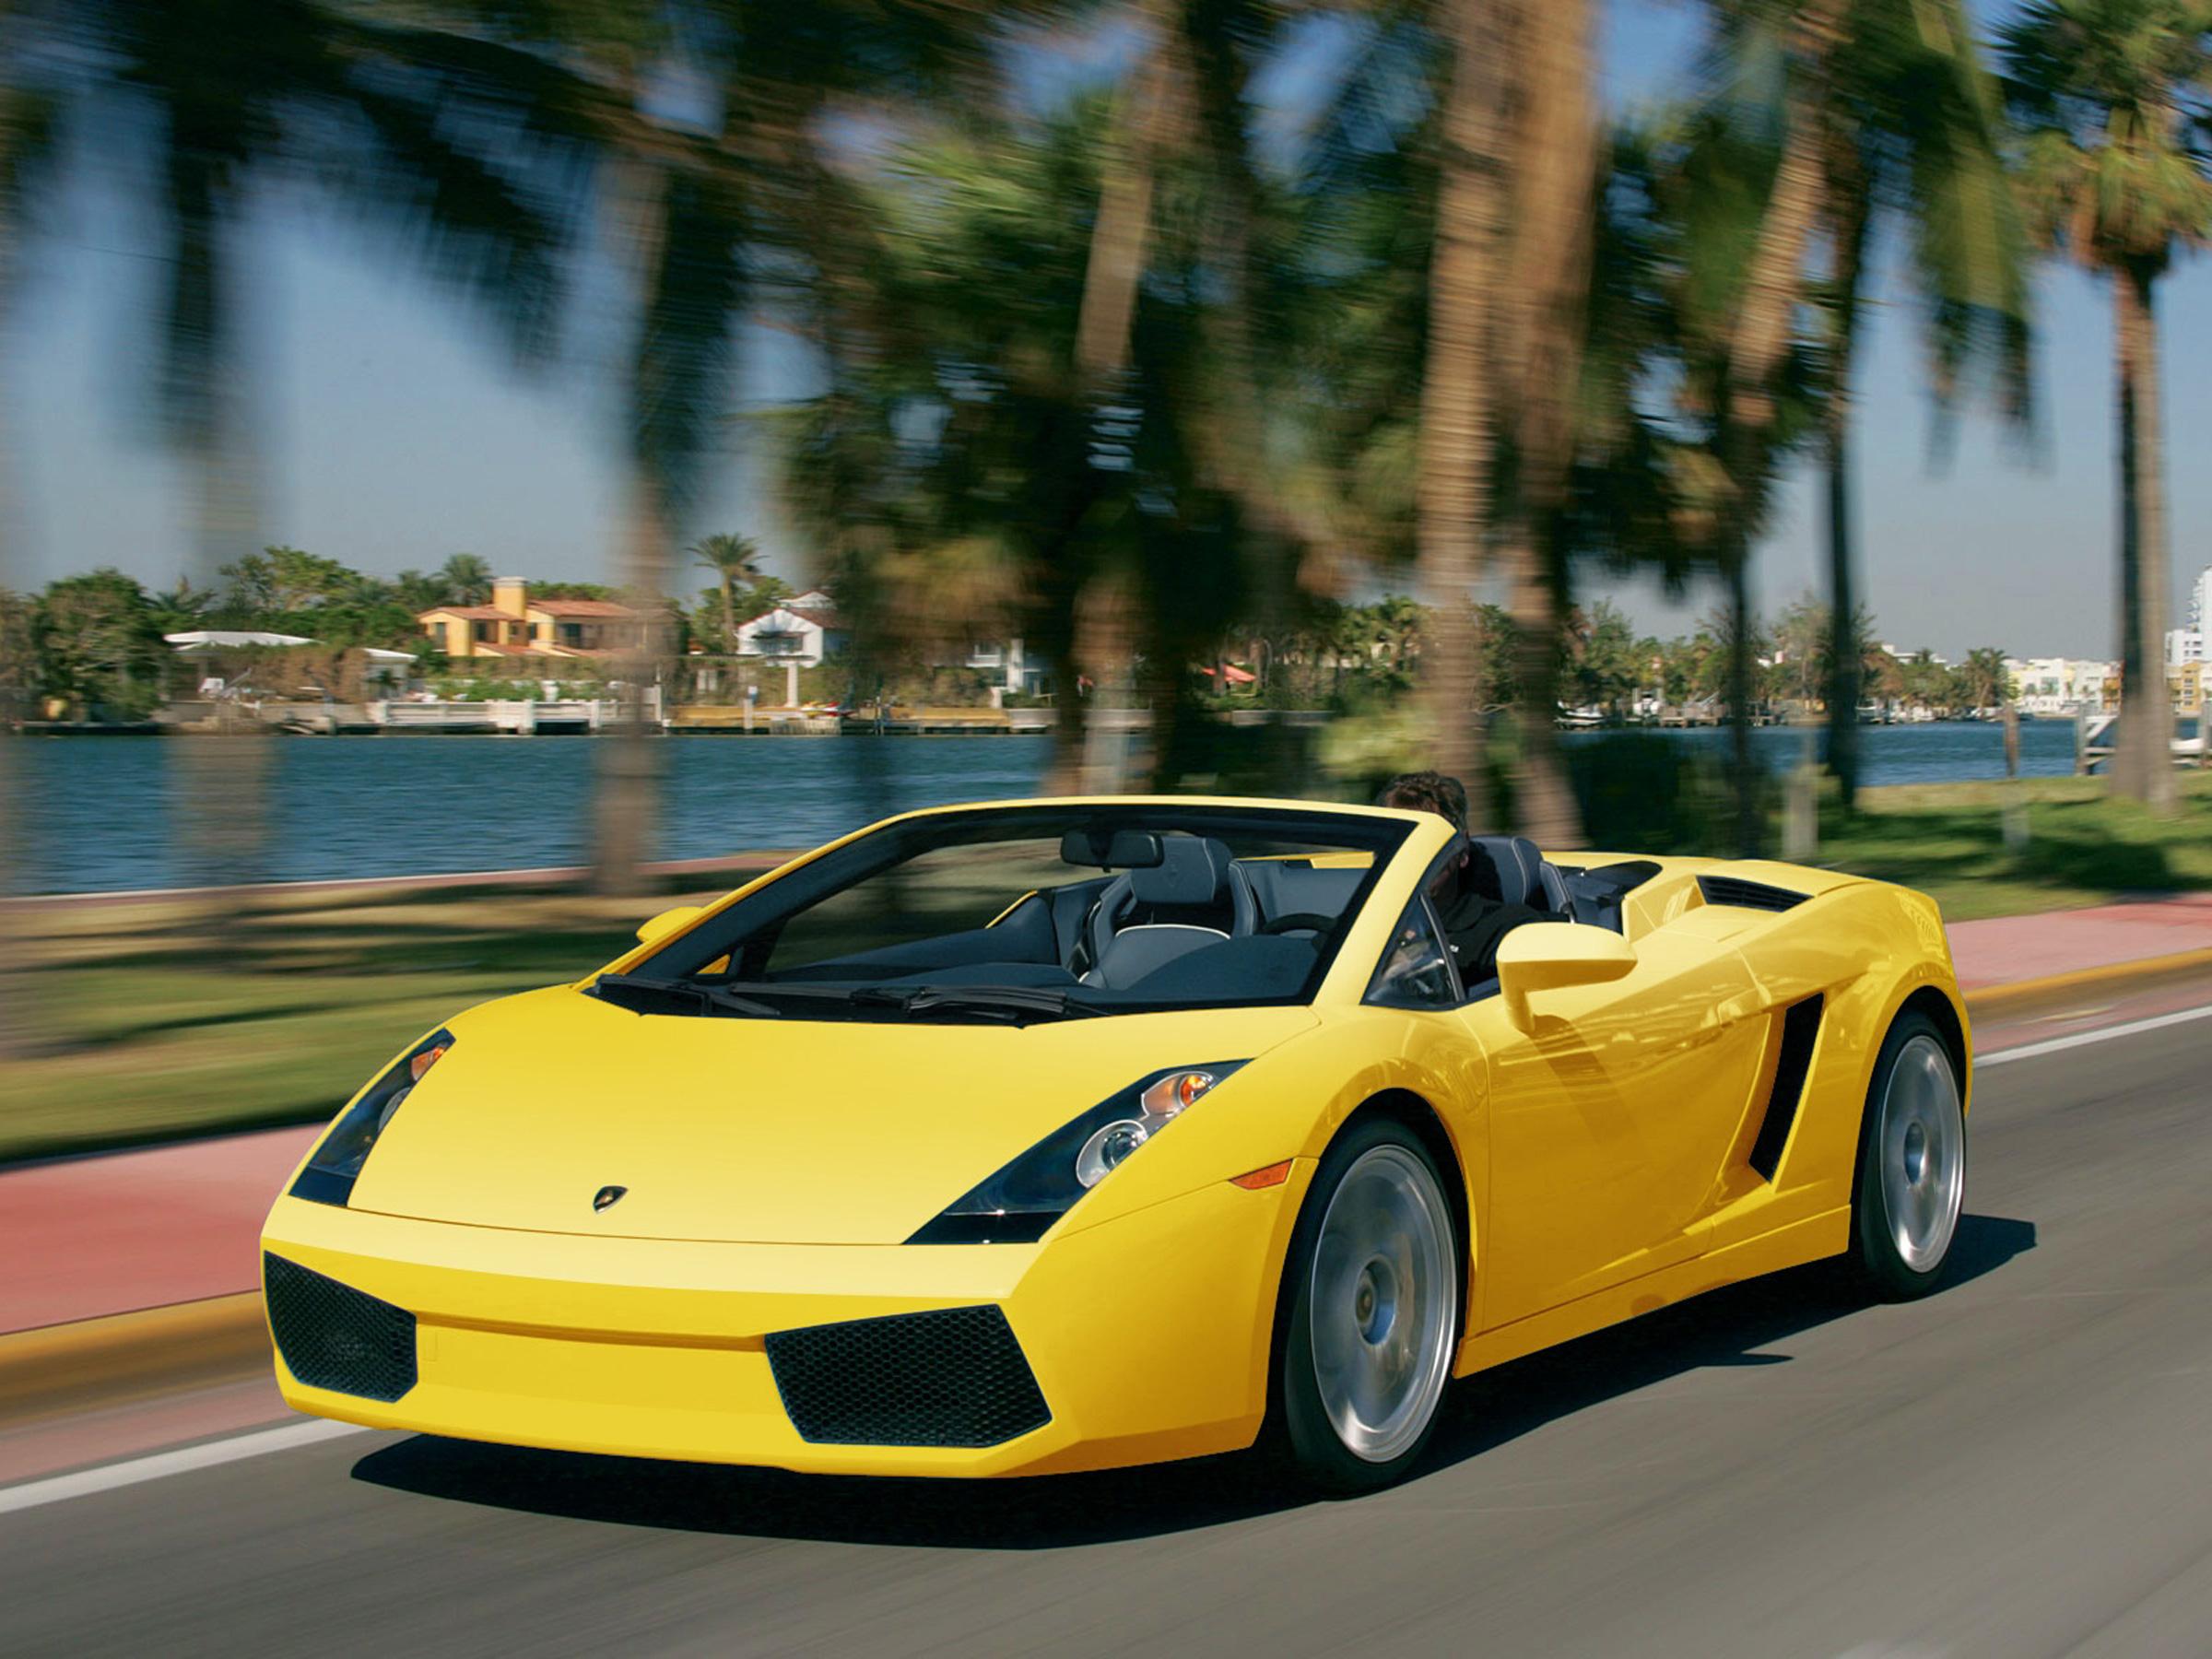 New Used Lamborghini Gallardo Cars For Sale Auto Trader